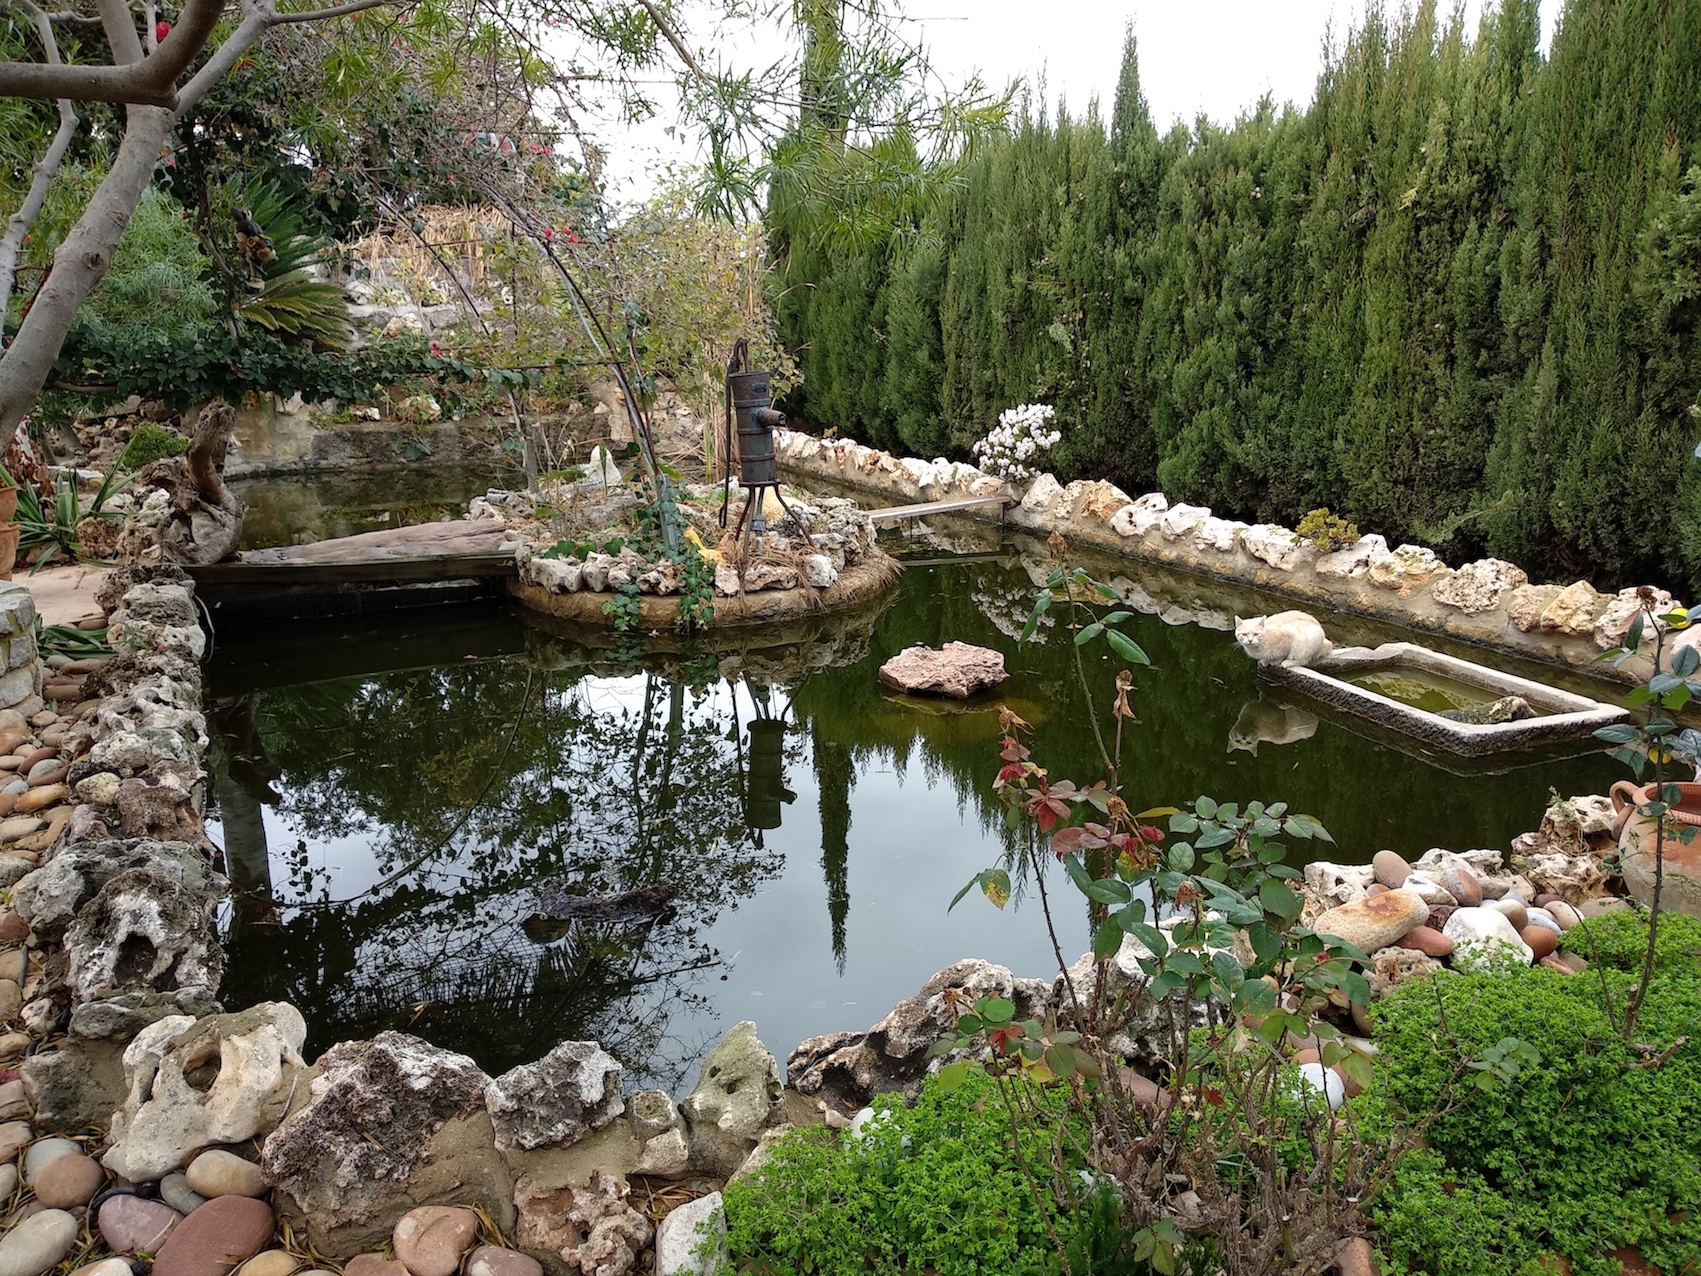 En Villa Mari Luz tienen este estanque y un par de jaulas grandotas con pajaretes de todo tipo, pavo real incluido